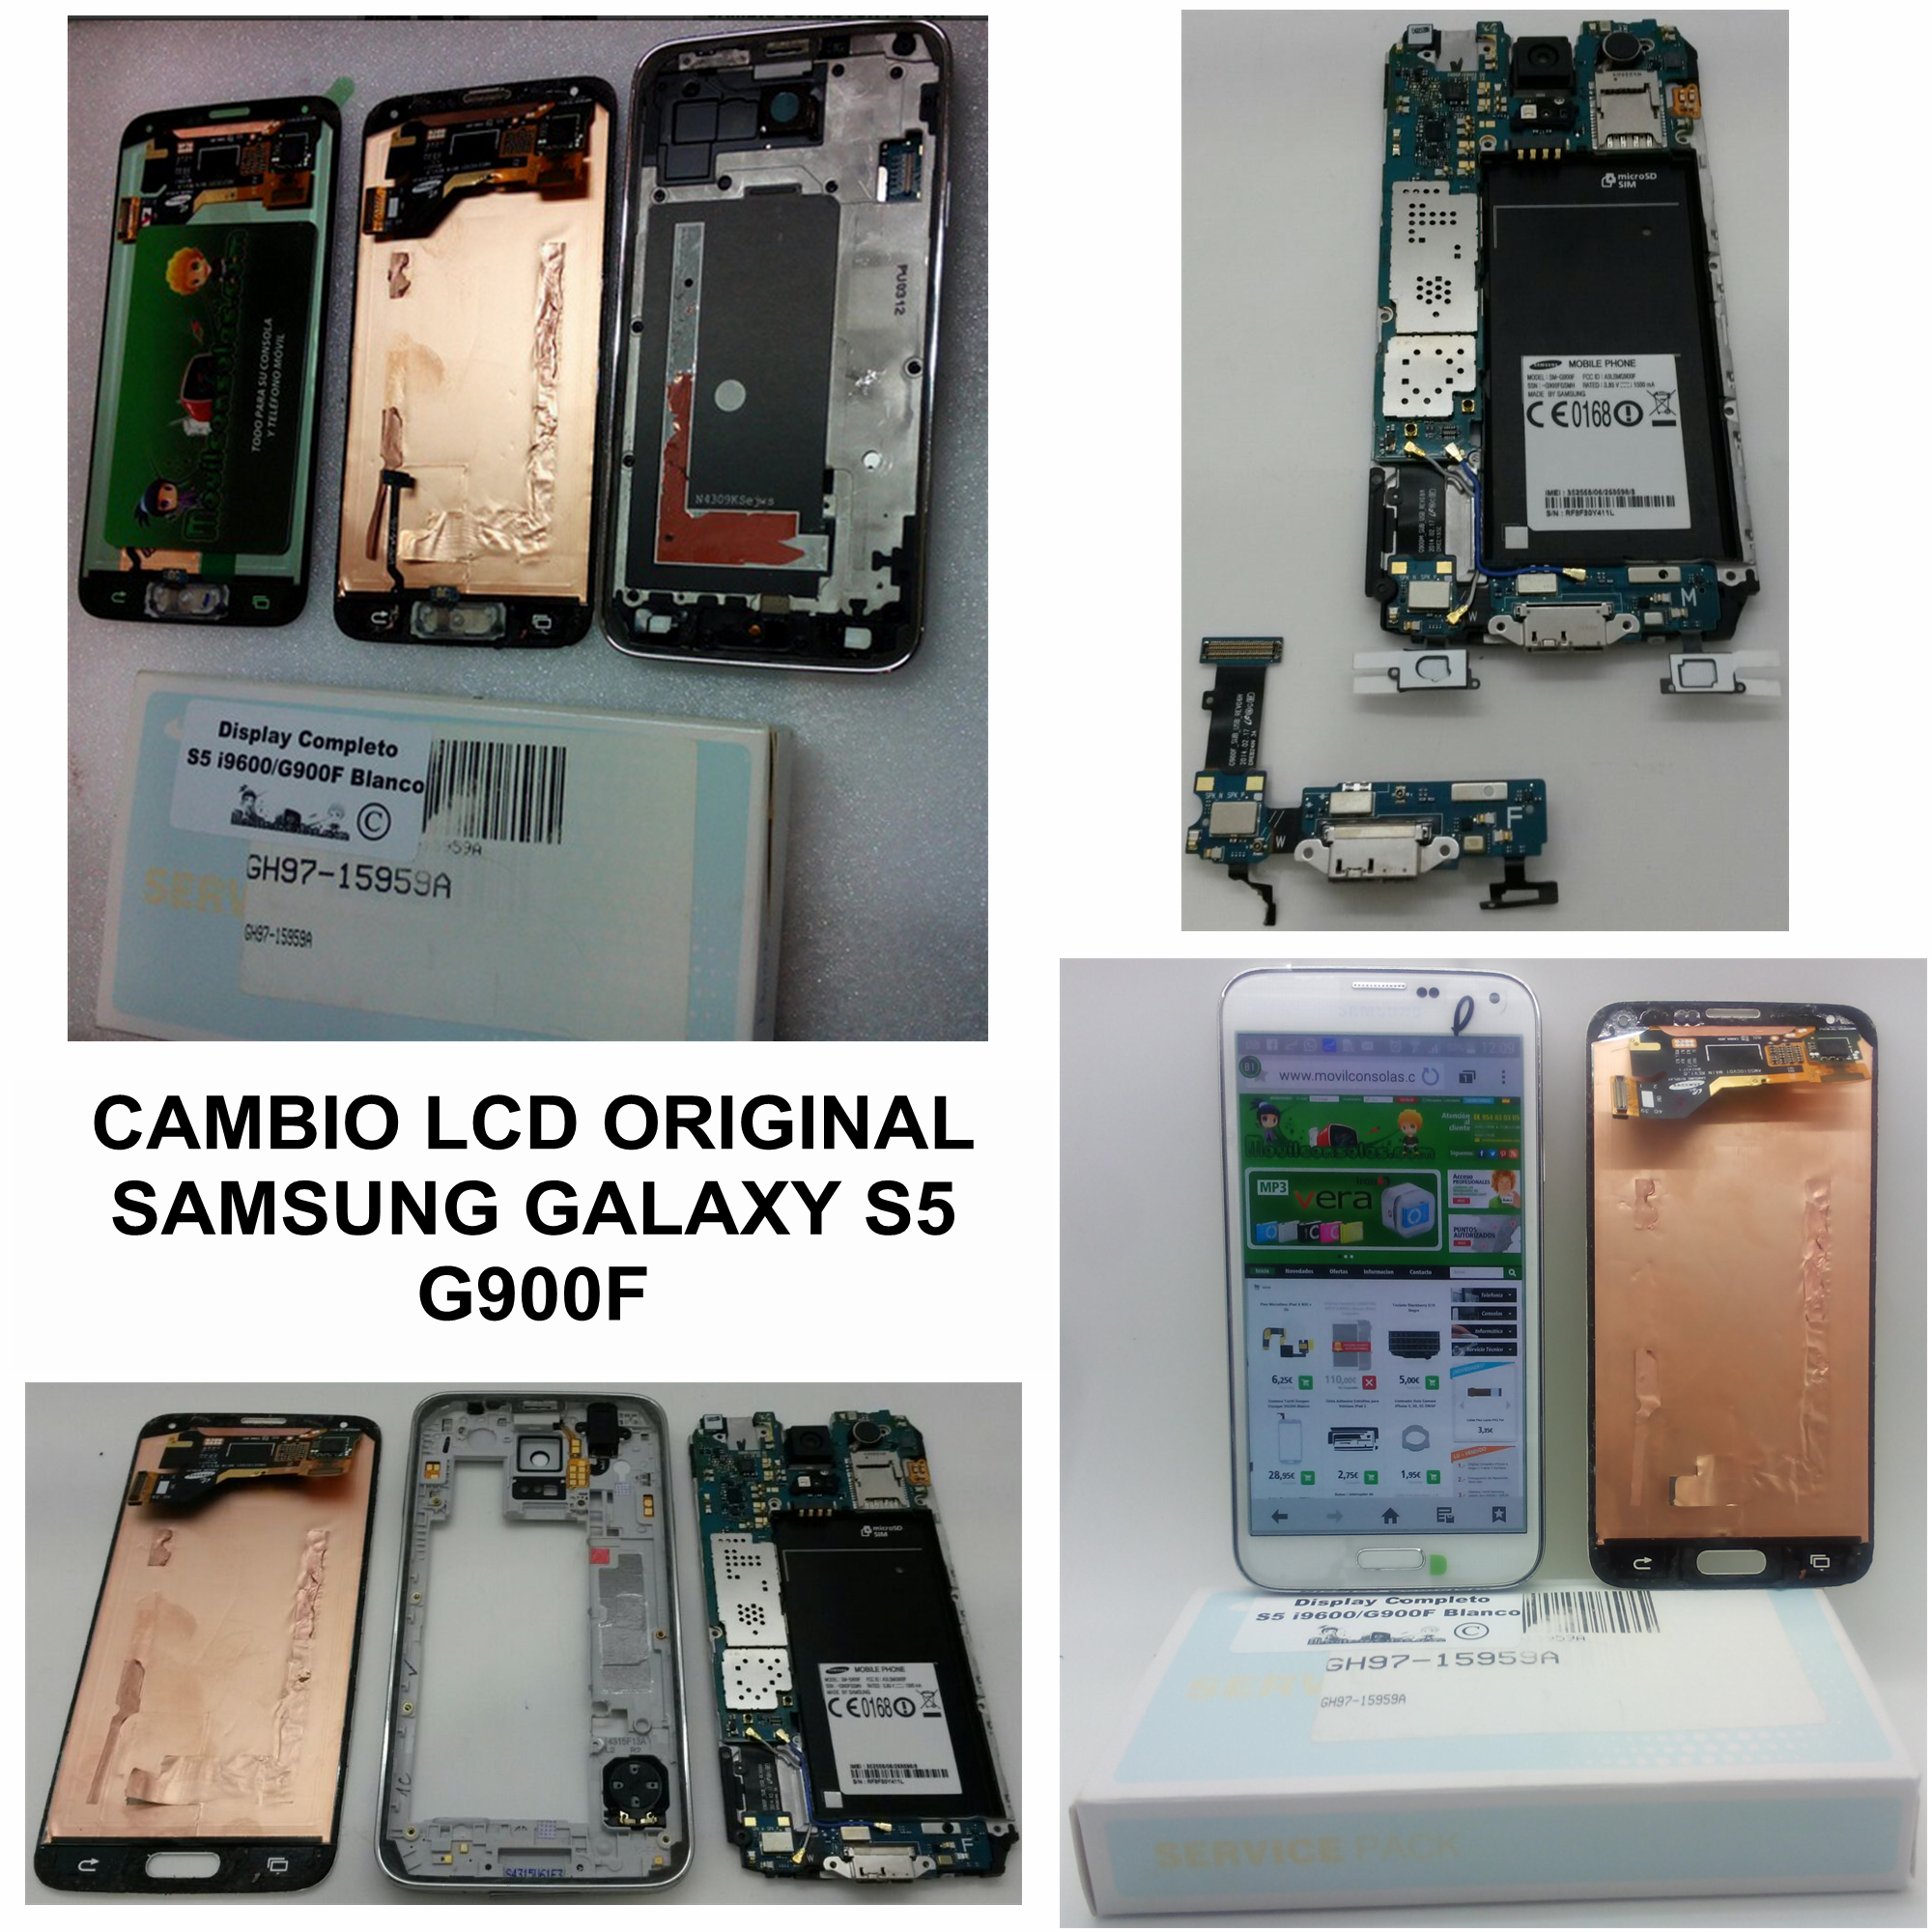 Cambio lcd original Samsung Galaxy S5 g900f  www.MOVILCONSOLAS.com Ronda de San Agustin 63 A-1 41400 - Écija - Sevilla Tfno.: 95 483 03 05 / 680 210 405 Email: javier@movilconsolas.com